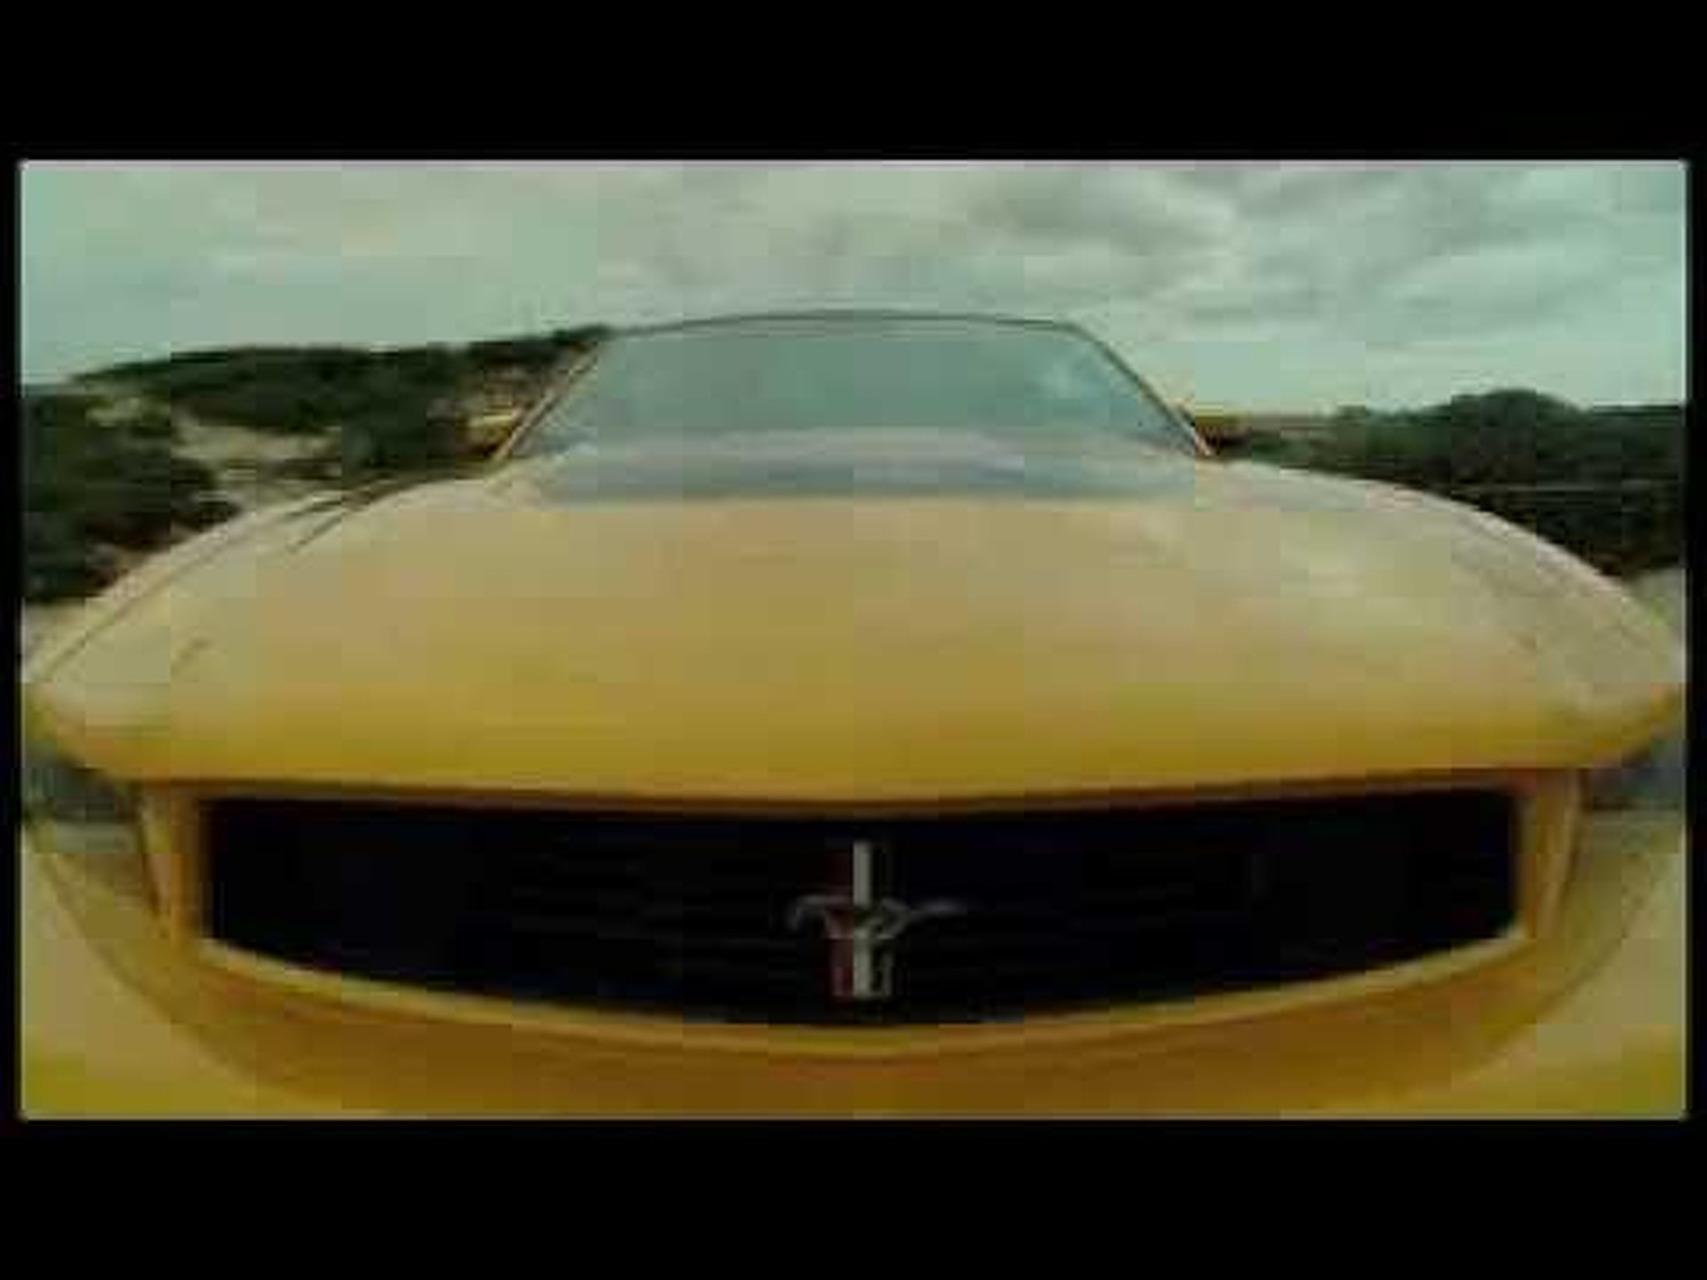 2012 Mustang Boss - Timelapse